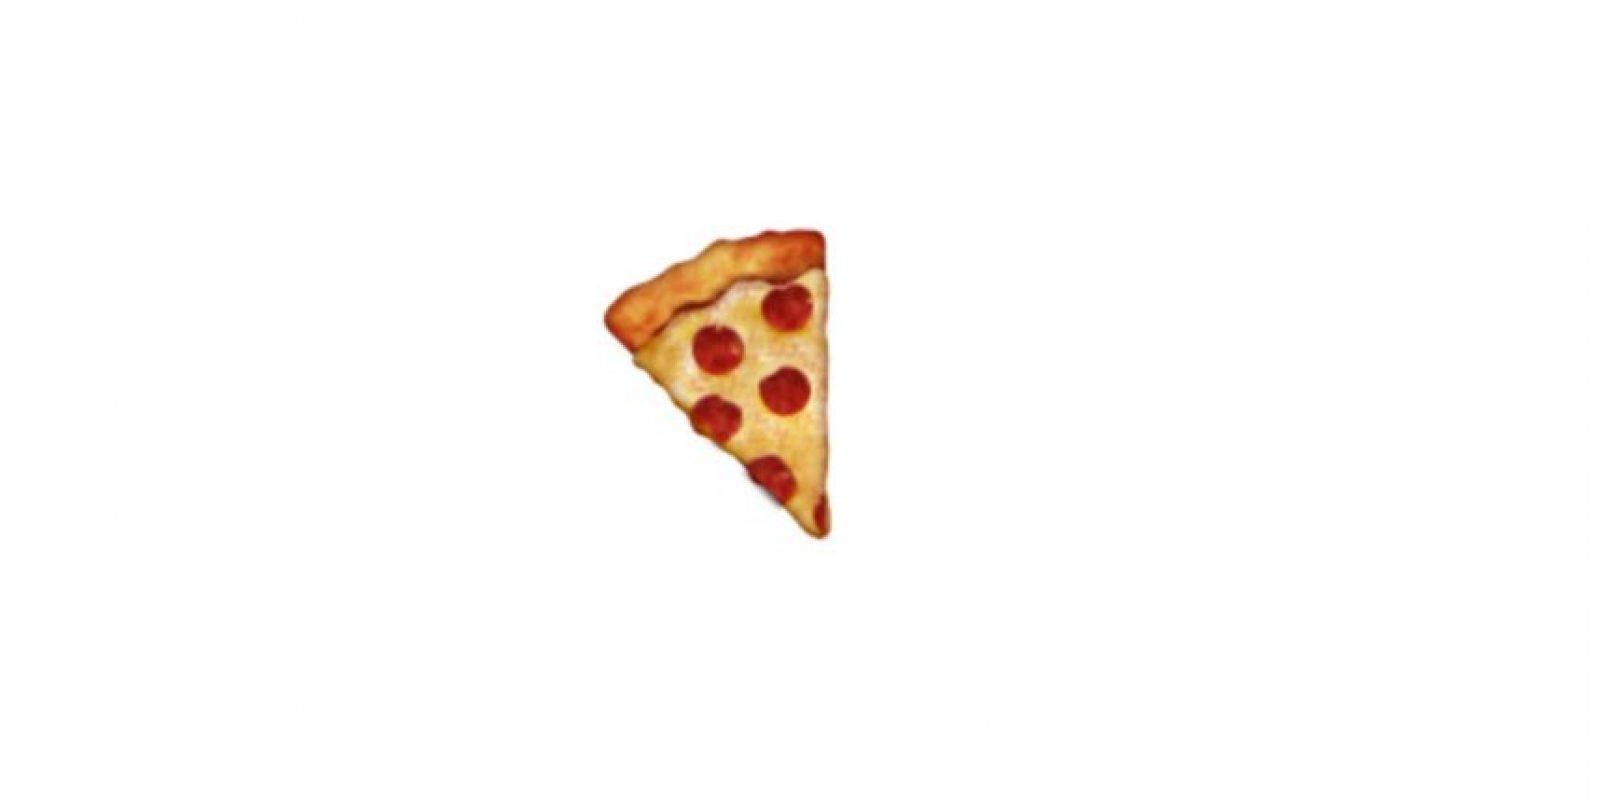 Los emoticones de comida son de los favoritos en WhatsApp. Foto:Emojipedia